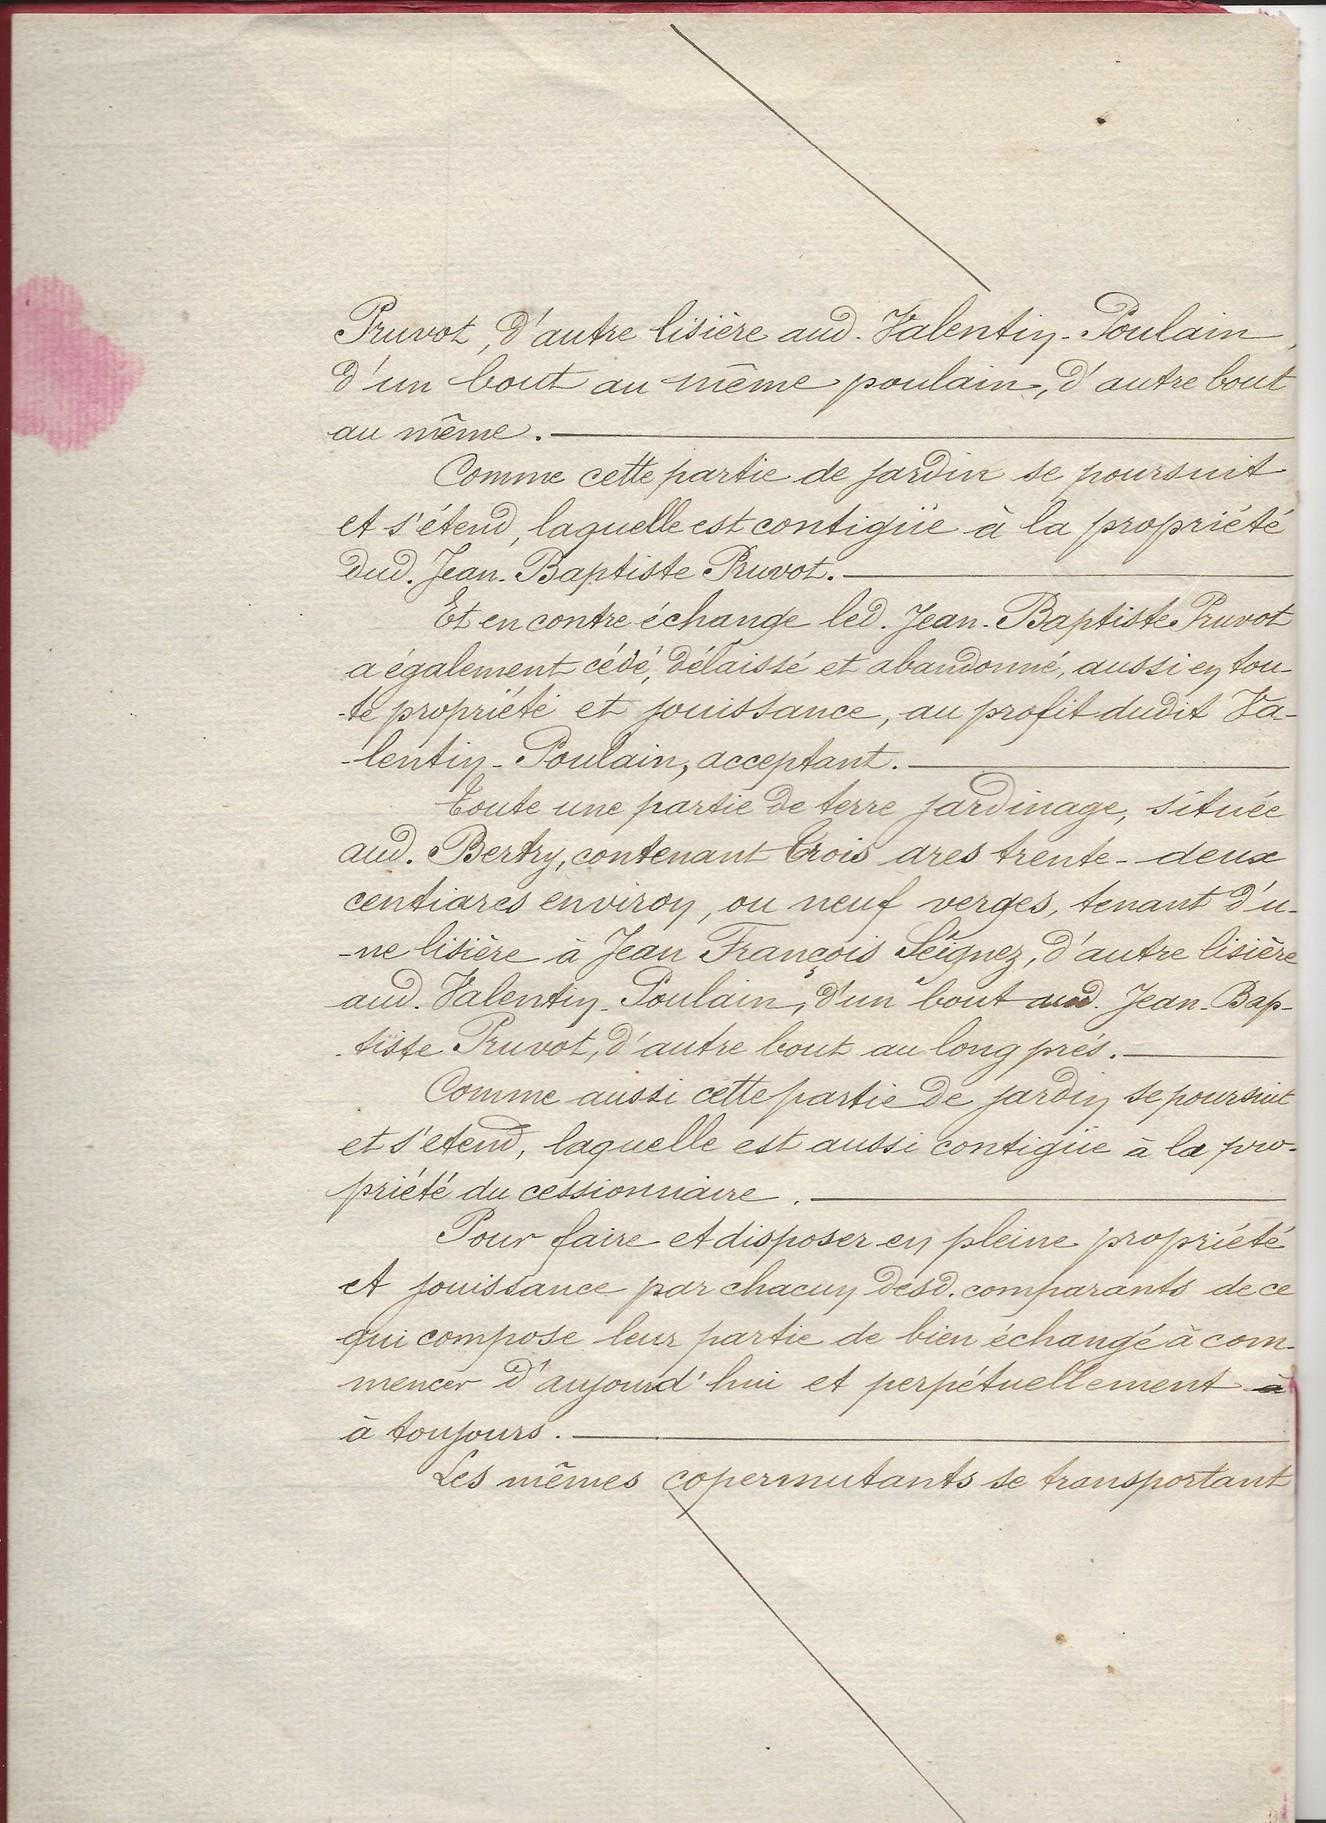 1826 echange valentin poulain x jb pruvot 002